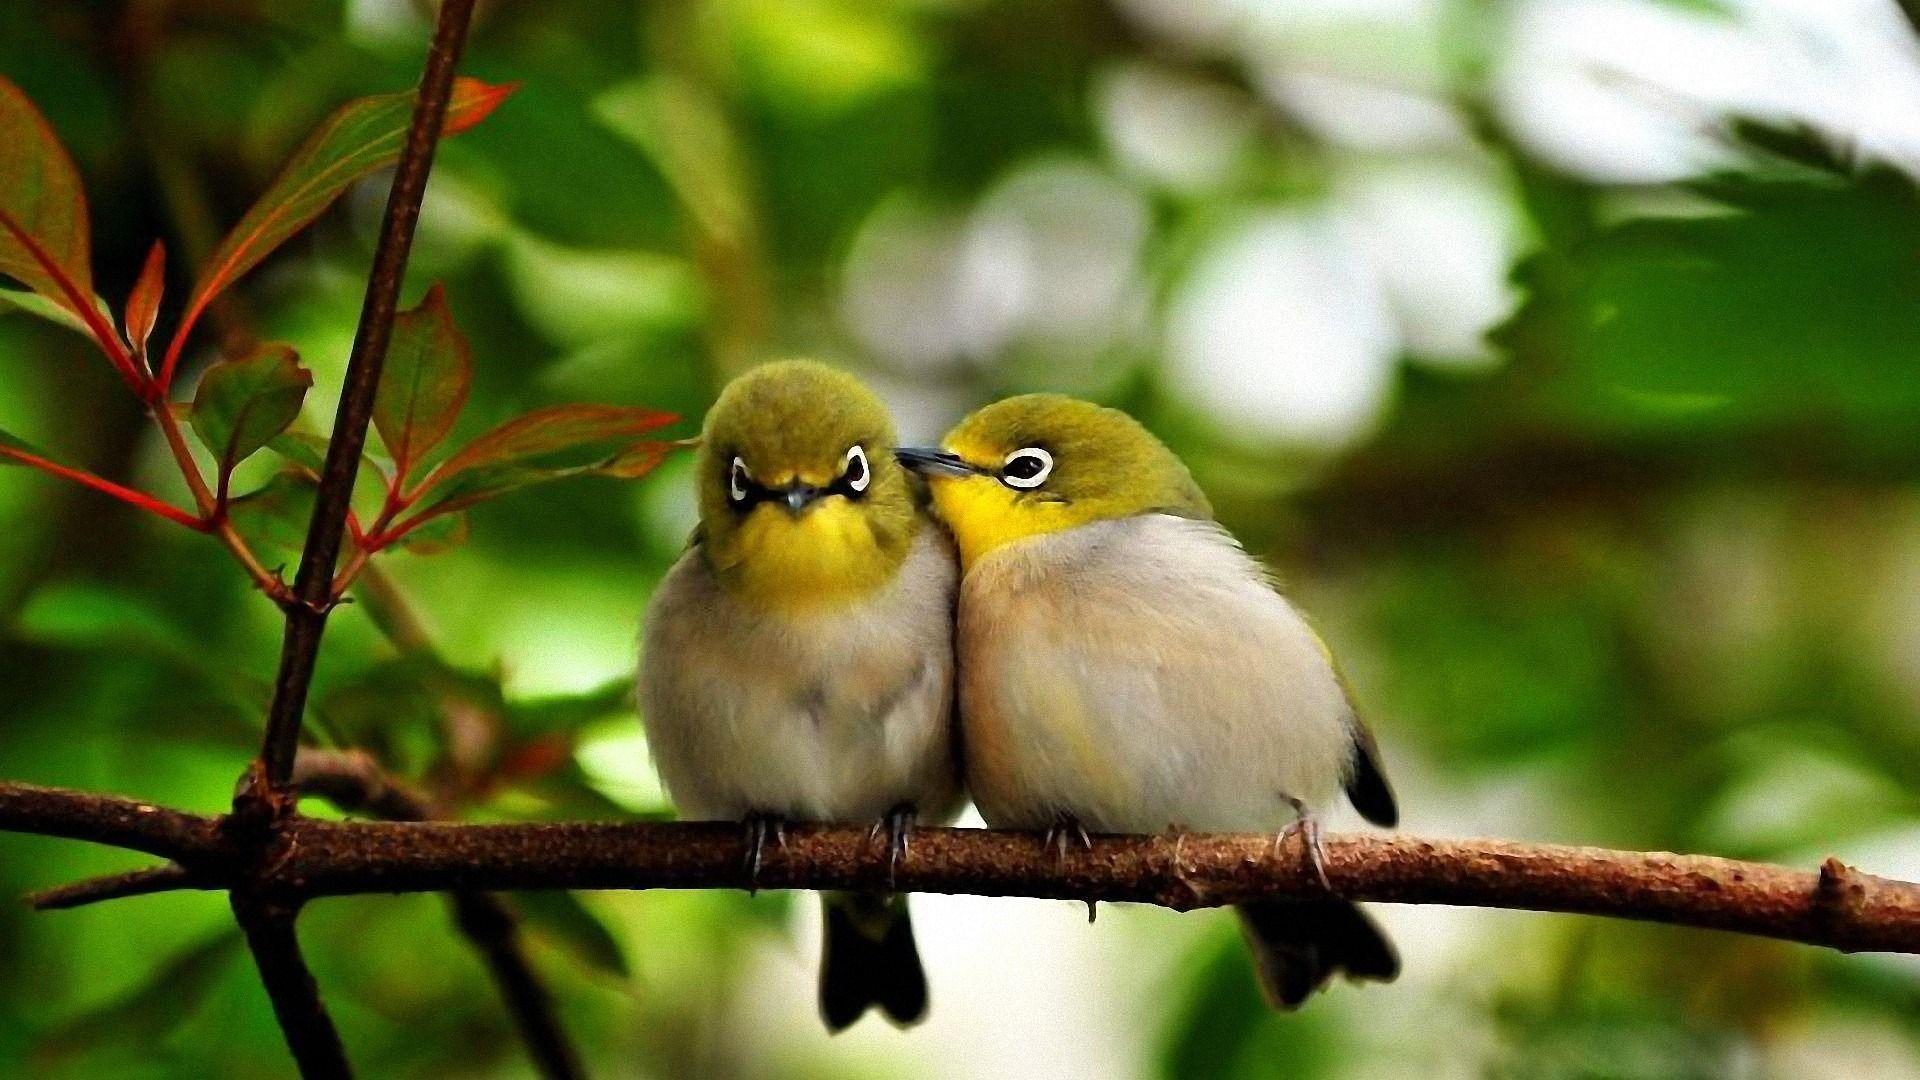 Birds Hd Wallpapers Desktop Wallpaper Cave